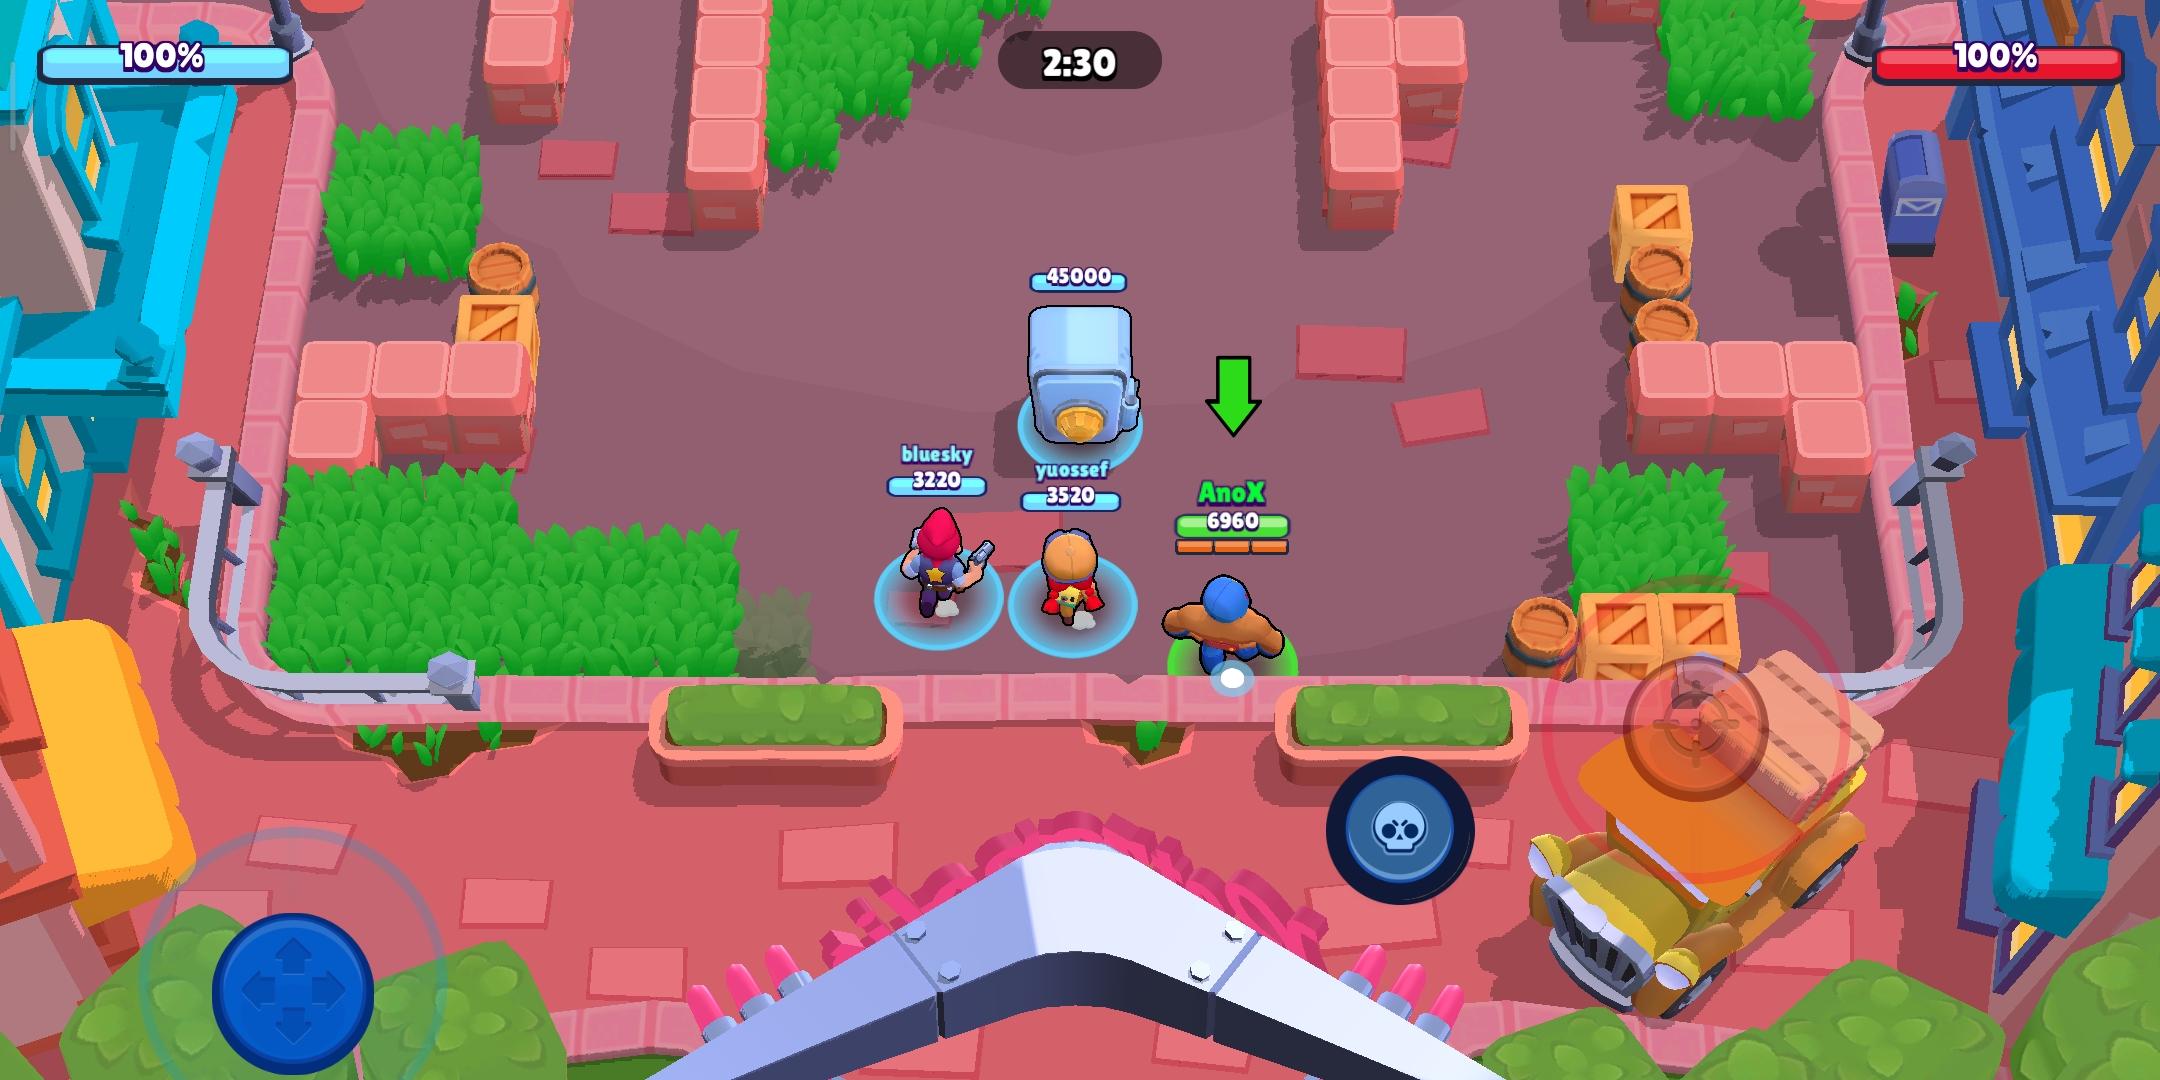 Screenshot_2020_02_07_20_01_21_012_com.supercell.brawlstars_1